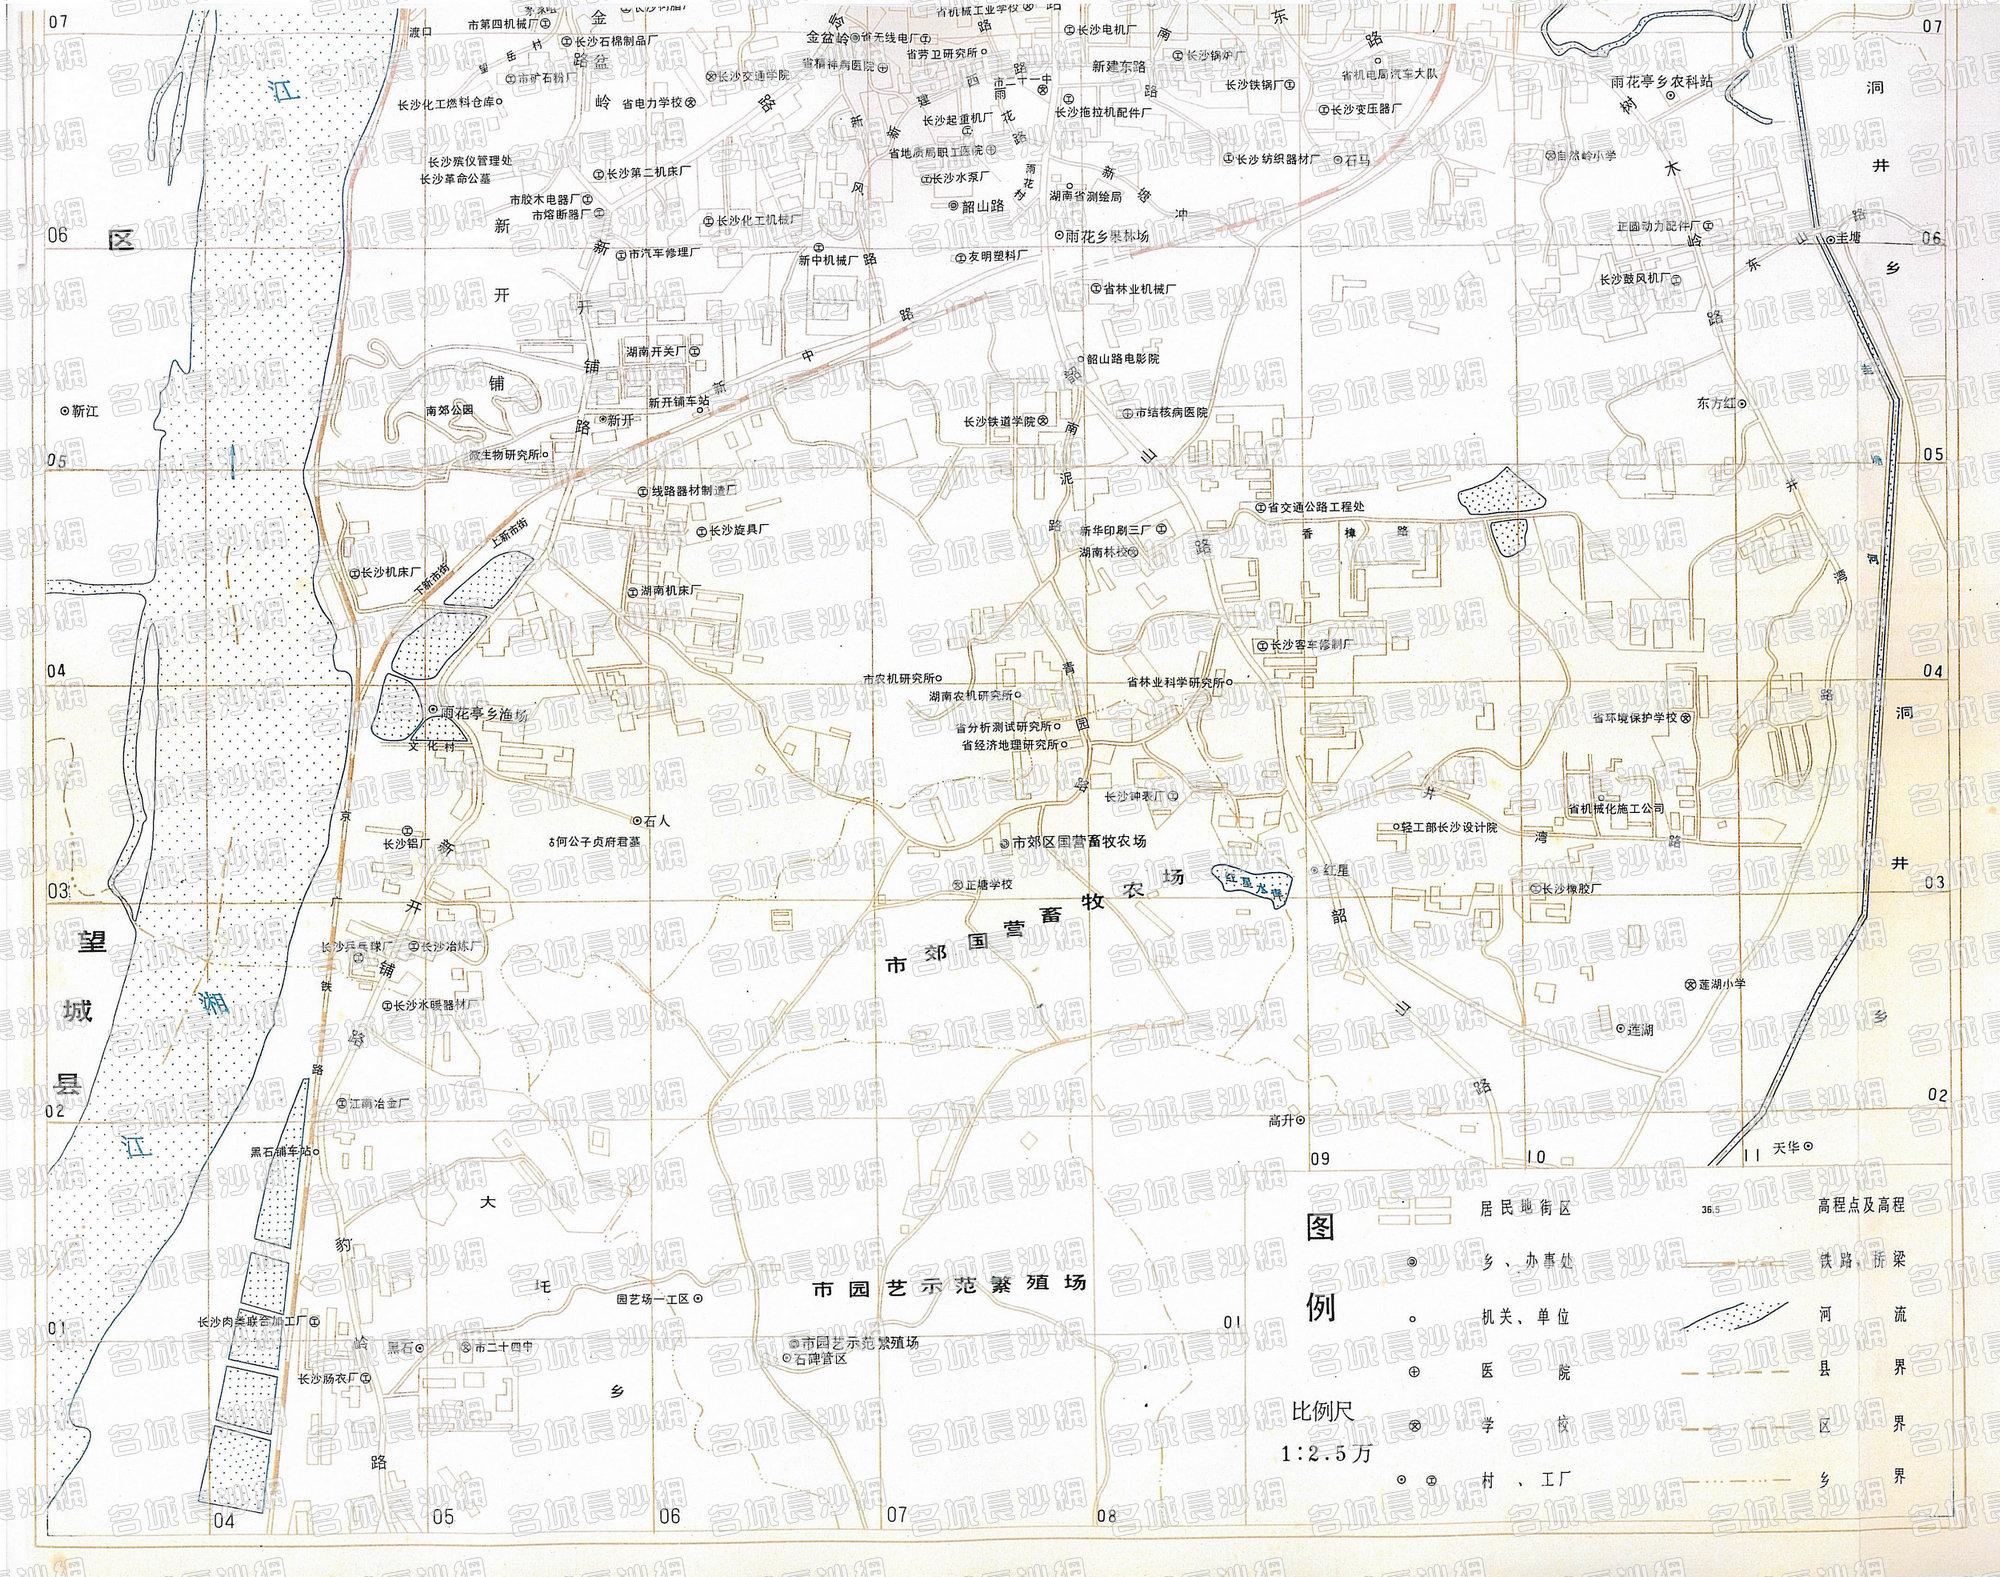 长沙市当代地图地名图集锦